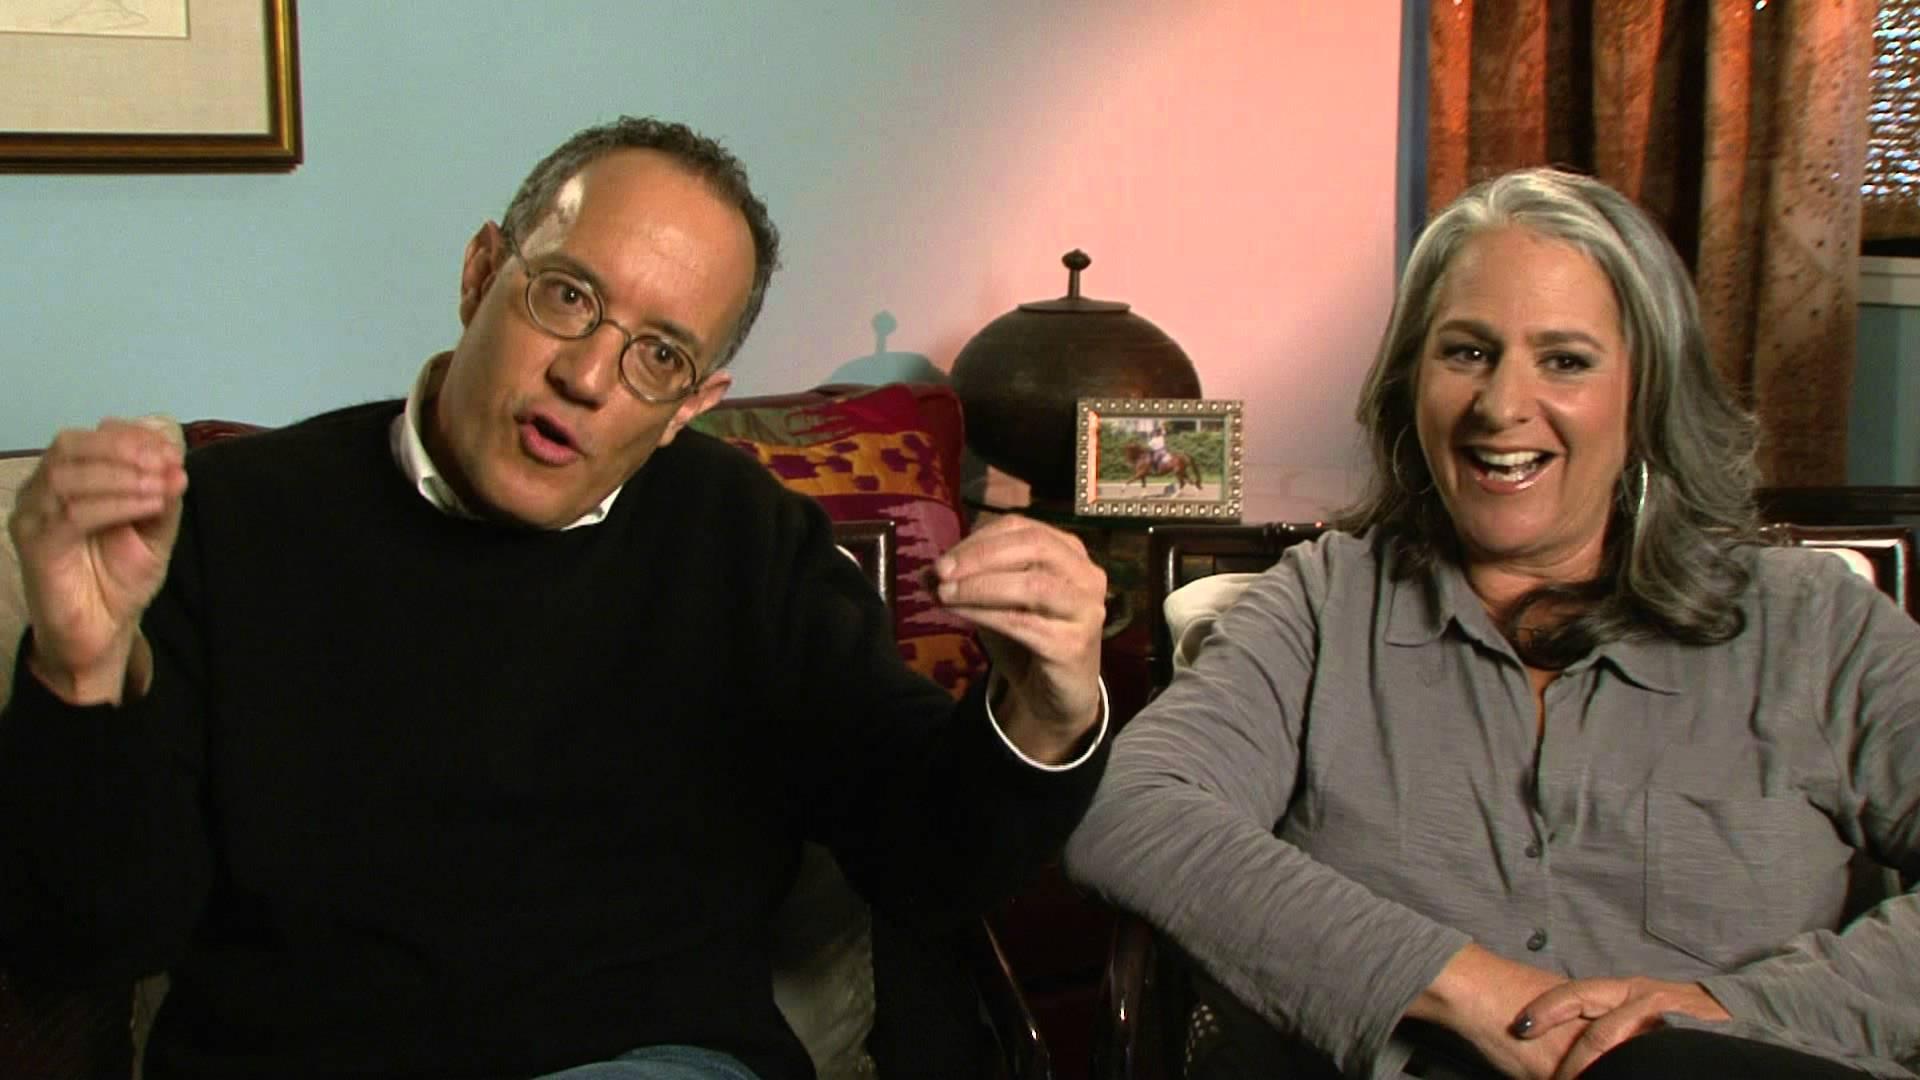 David Crane y Marta Kauffman. Los creadores de Friends fueron entrevistados por Entertainment Weekly. Fto: youtube